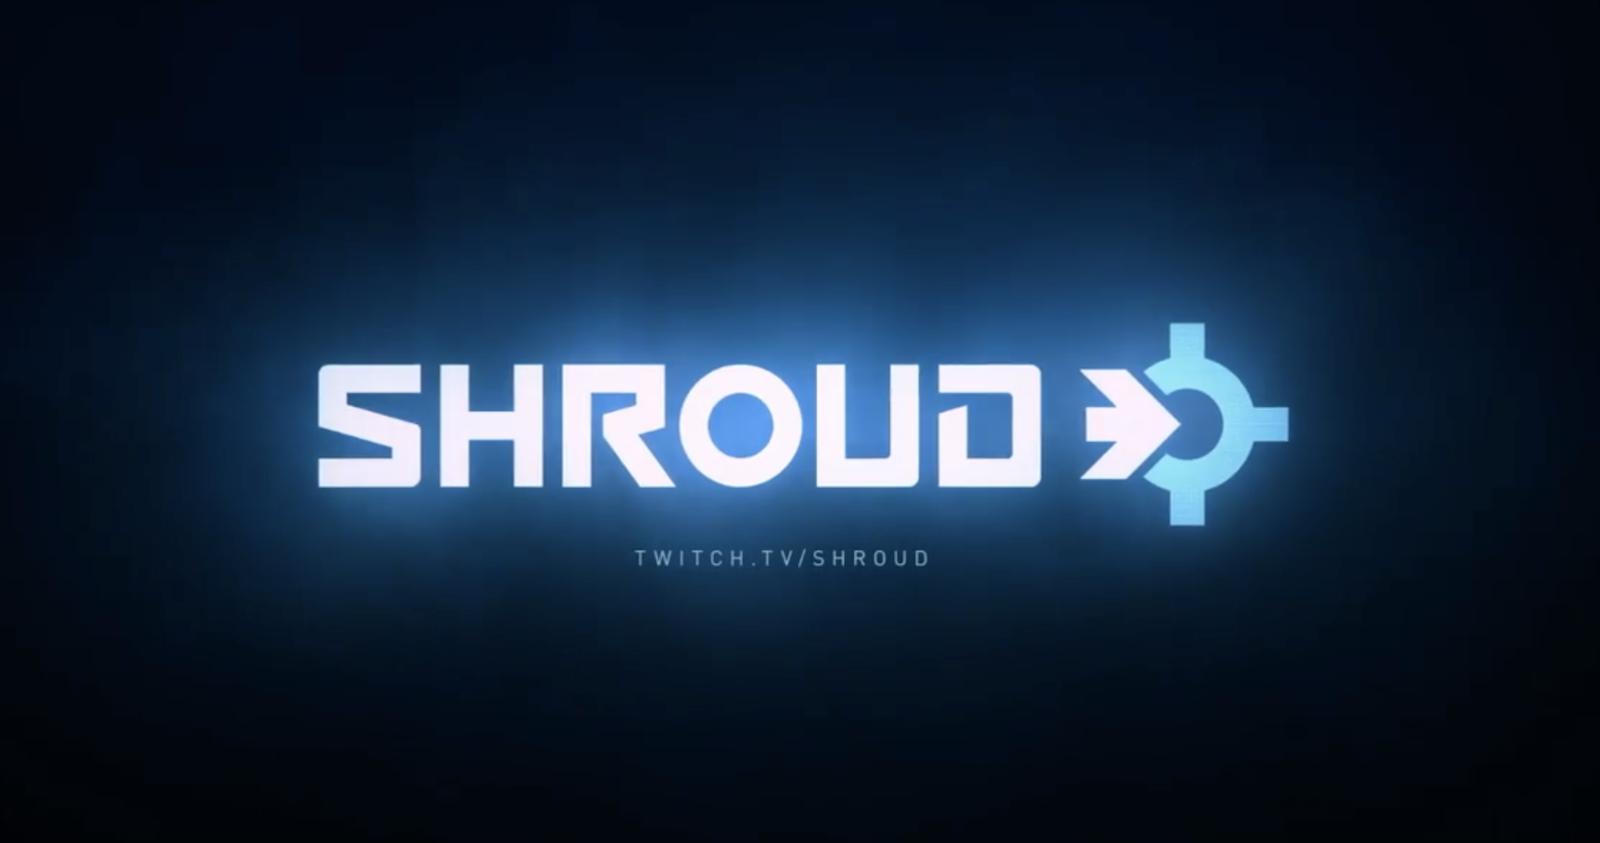 Shroud new logo on Twitch stream